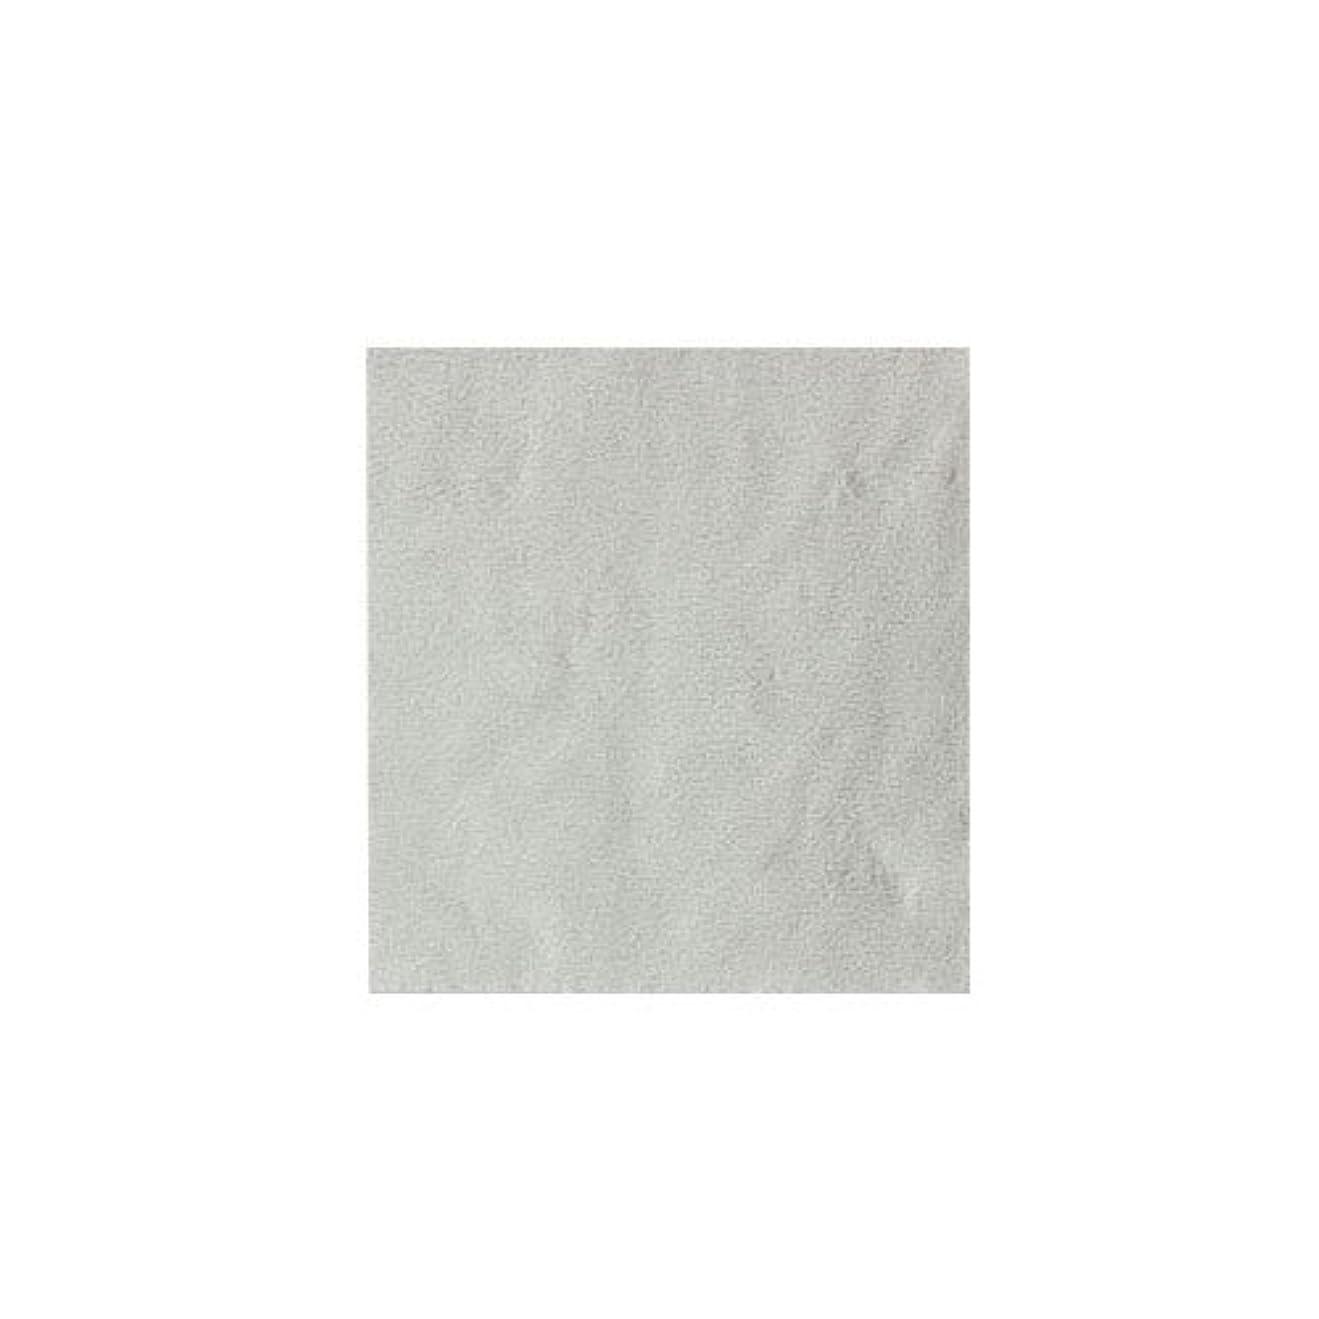 ページ封建説明するピカエース ネイル用パウダー パステル銀箔 #640 パステルホワイト 3.5㎜角×5枚